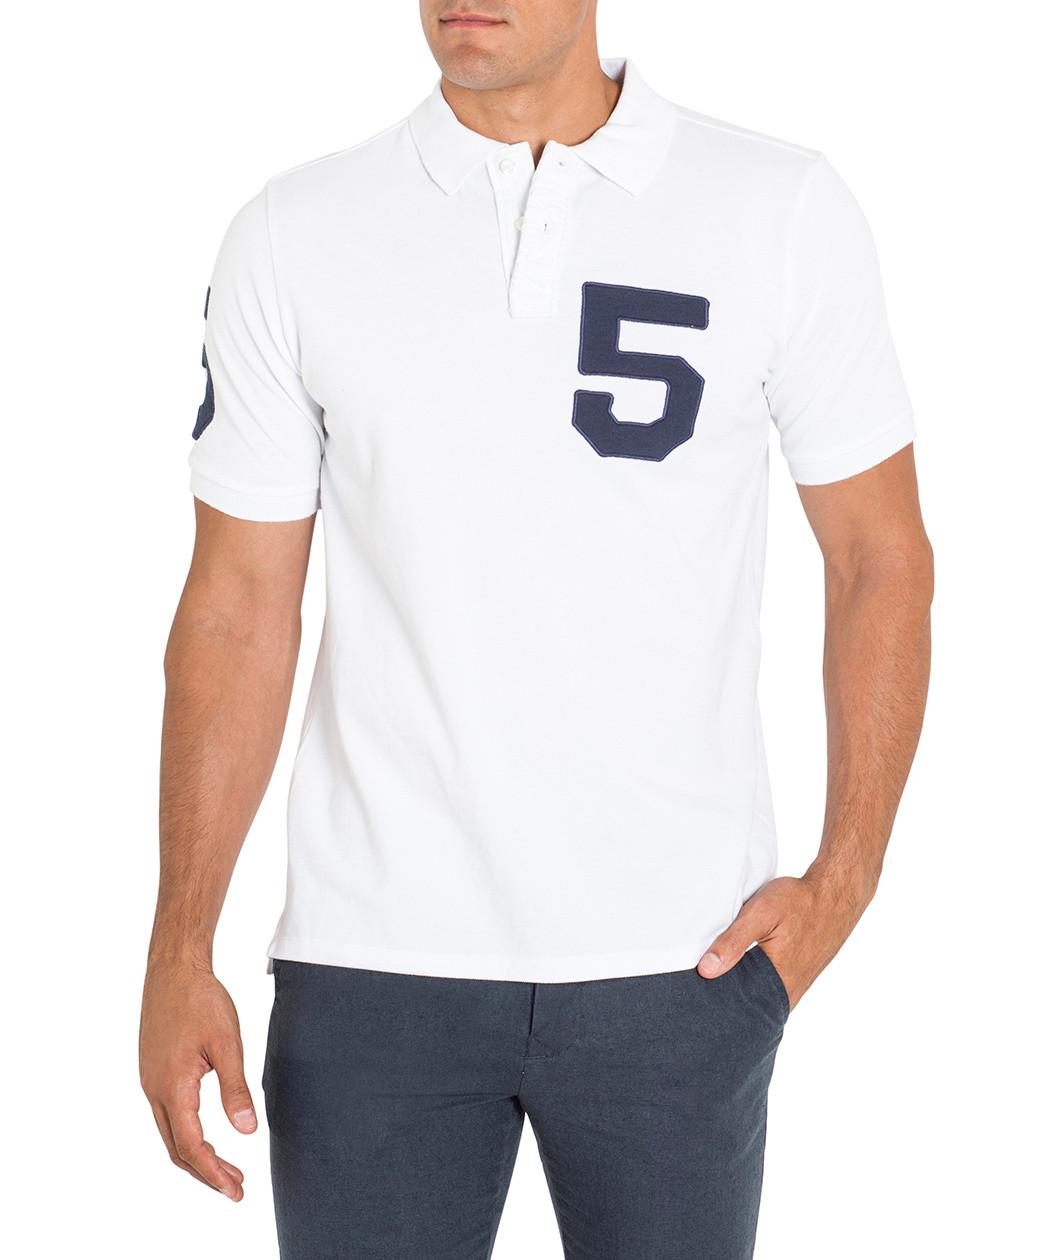 Van Heusen is a leading online clothing retailer for both business wear & casual wear needs. Buy Van Heusen online today!